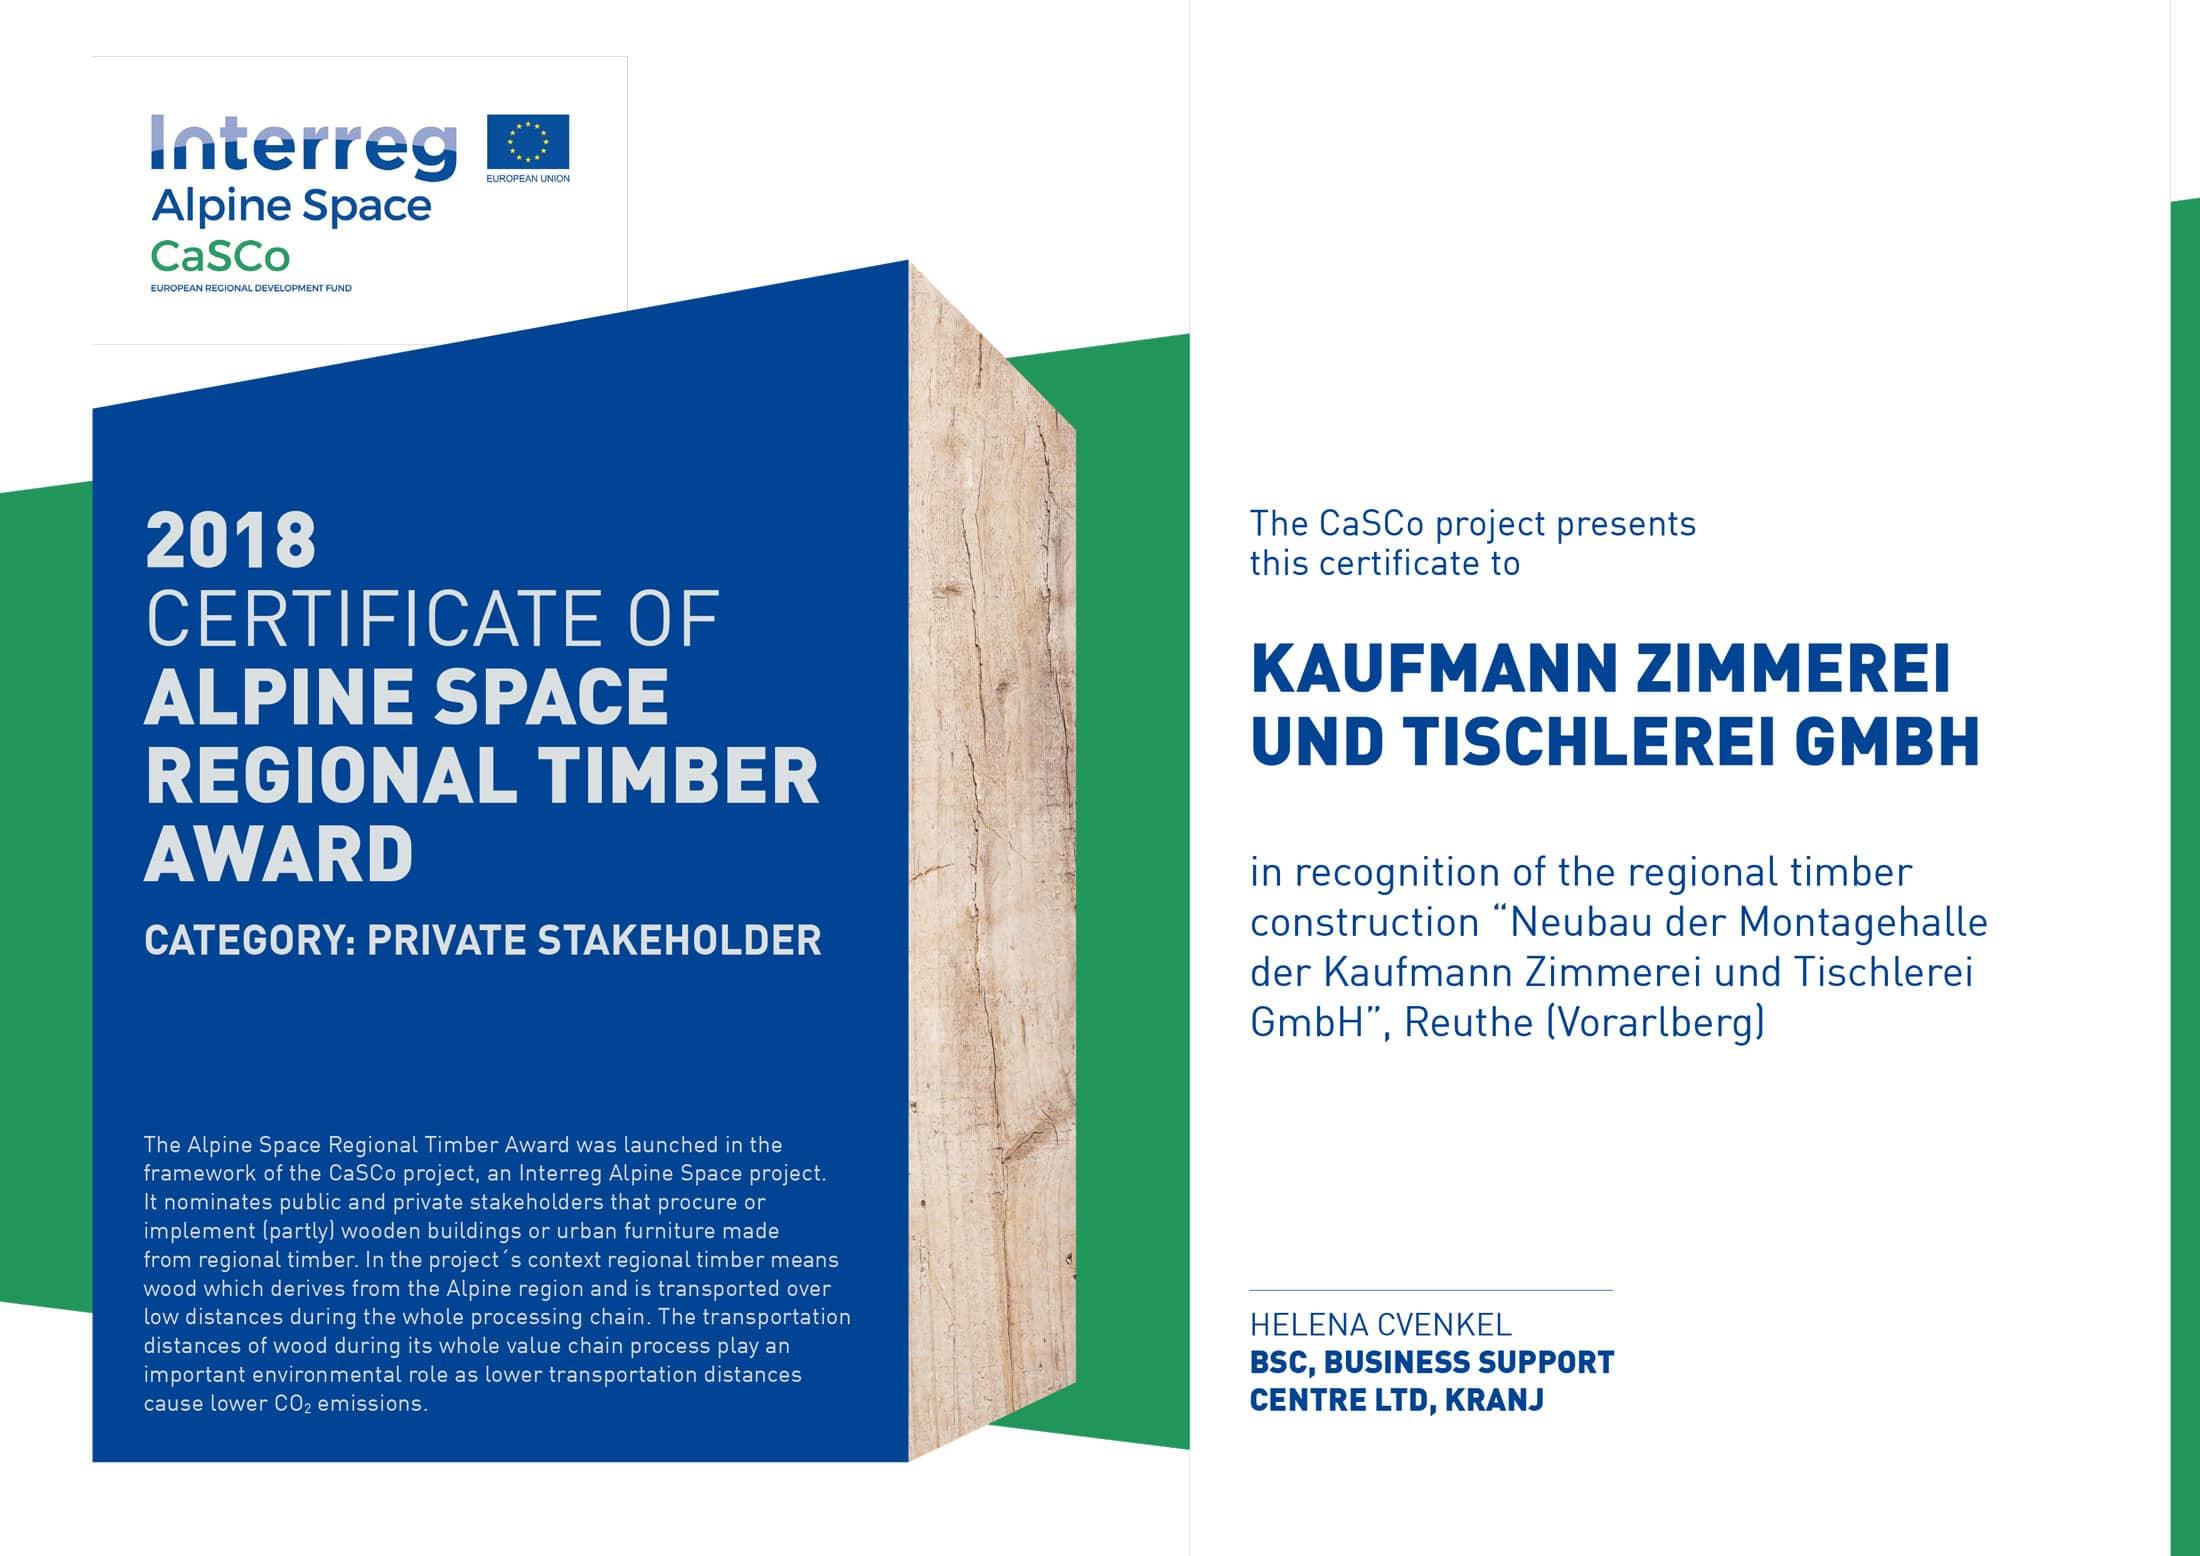 Kaufmann Erhält Holzpreis Für Klimafreundliches Bauen Im Alpenraum